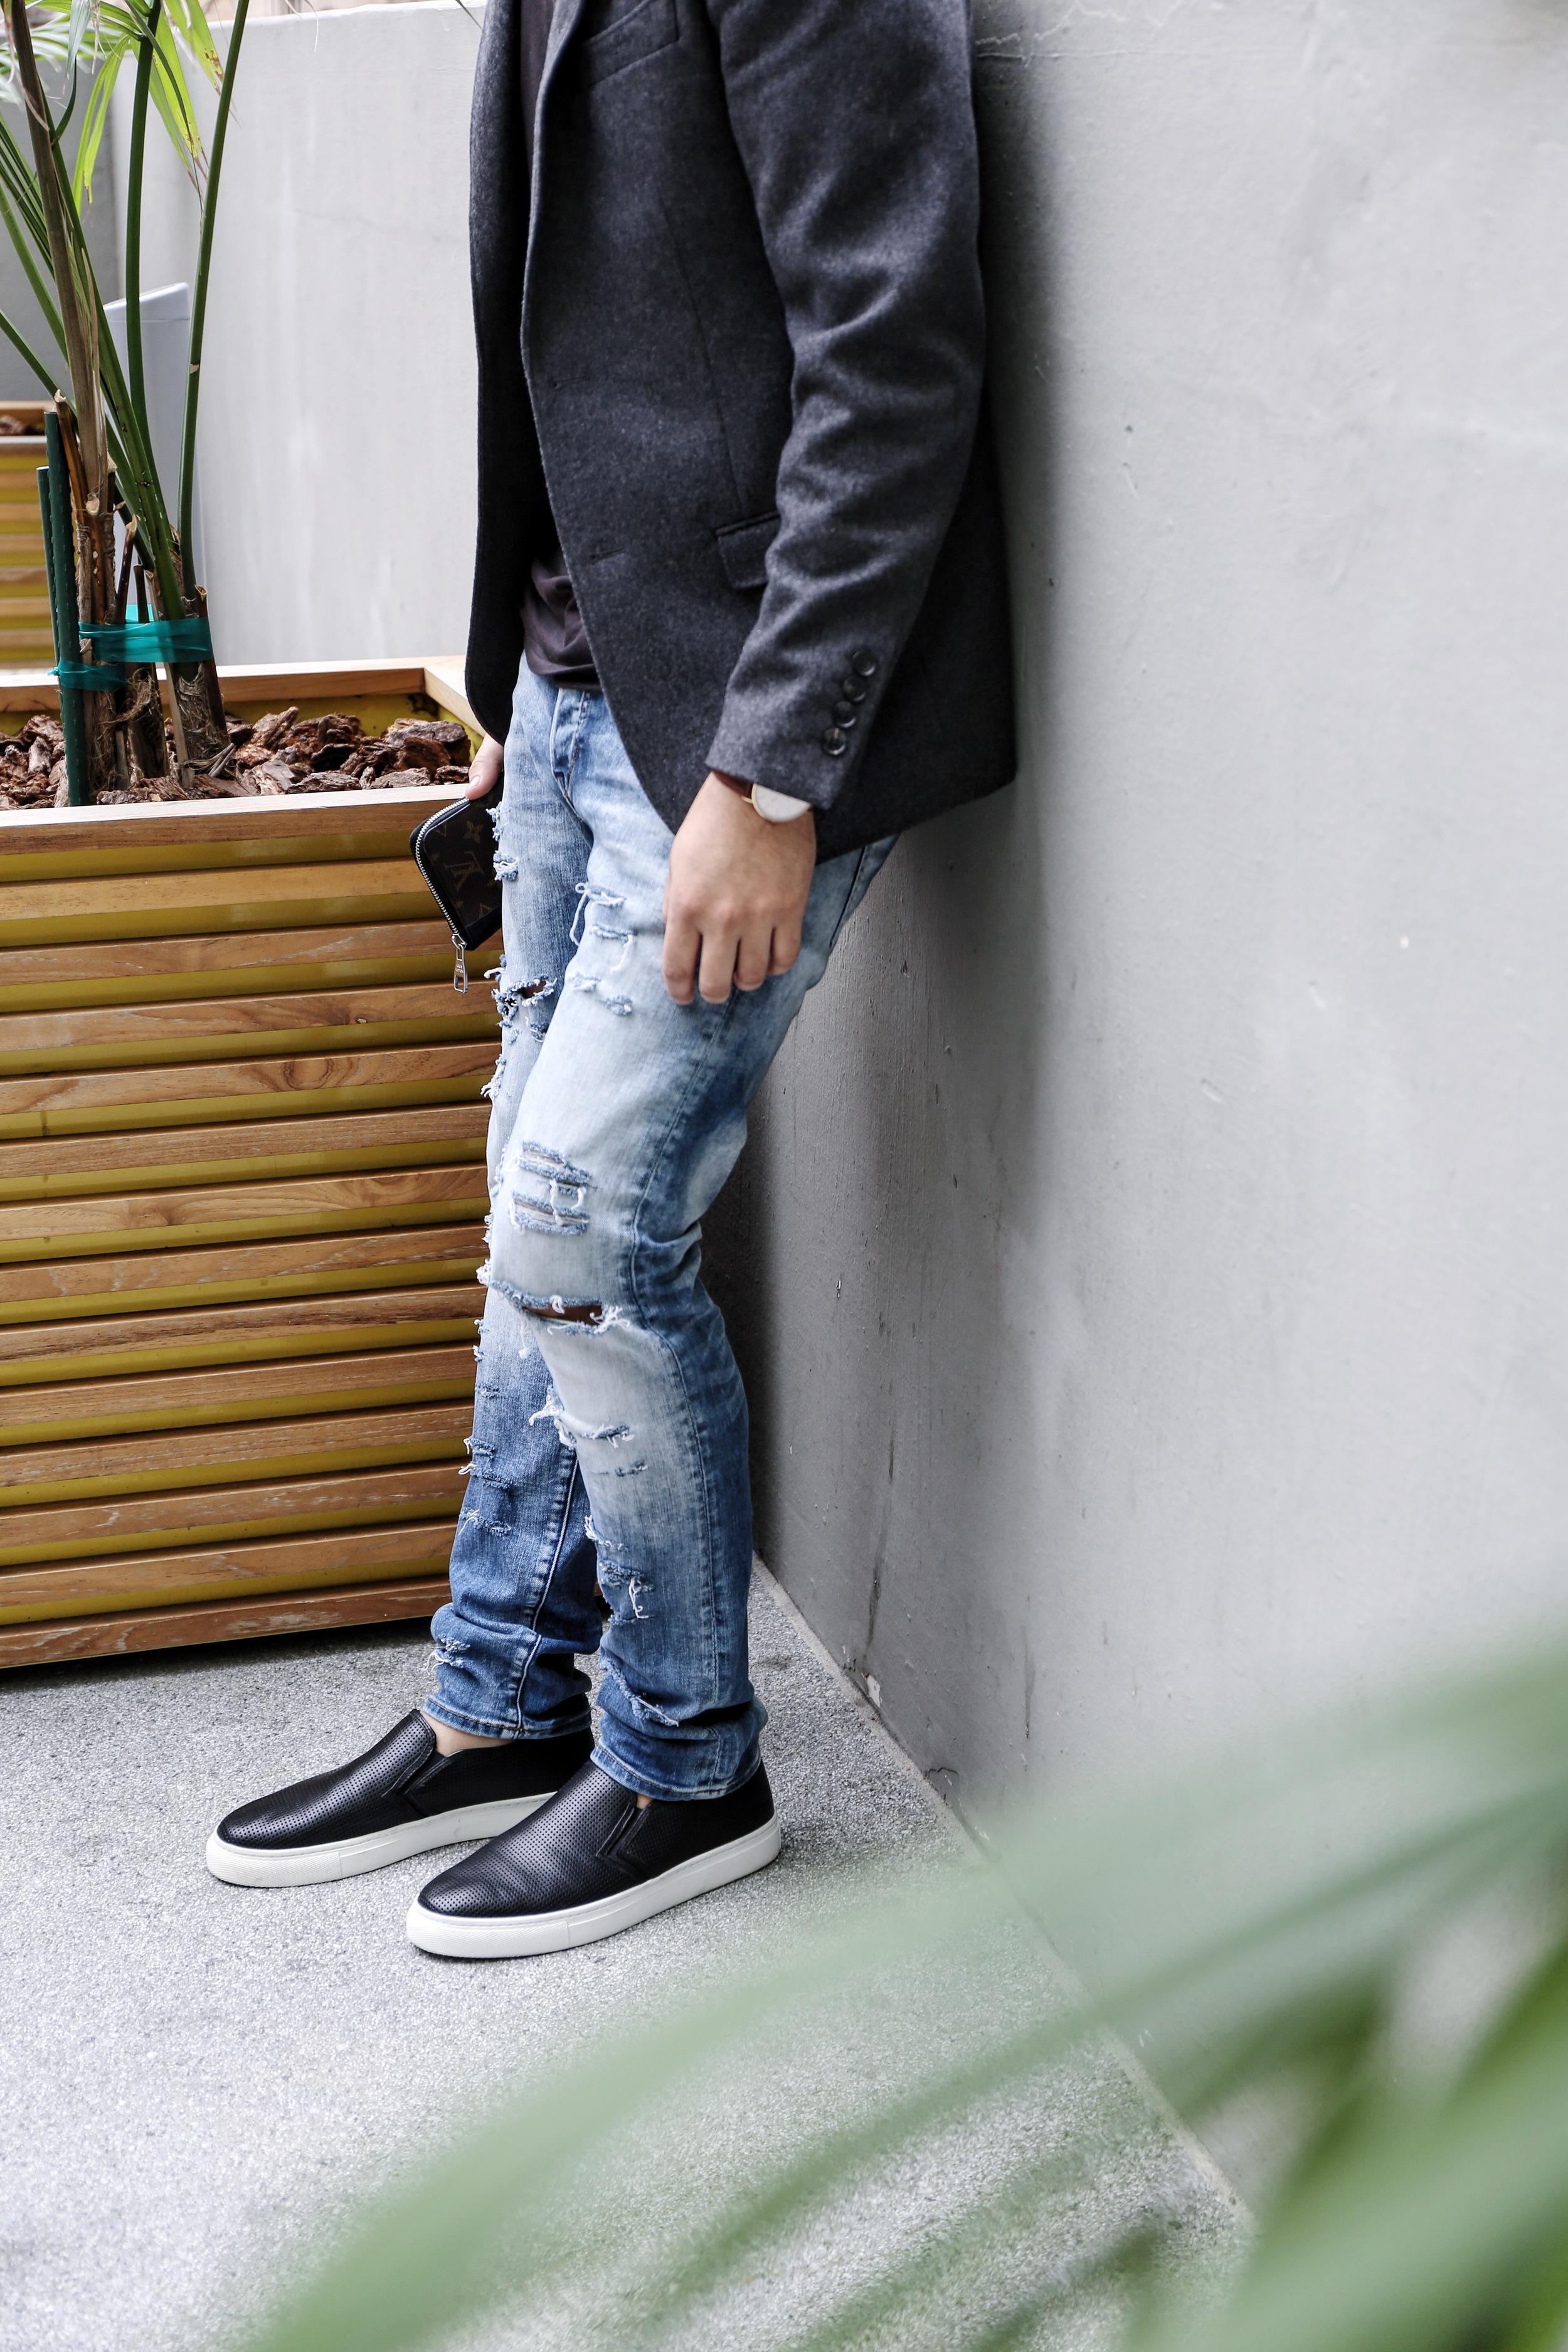 Coat: Topman Shirt: The Eras Shoes: Uri Minkoff Watch: Daniel Wellington Jeans: H&M Wallet: Louis Vuitton